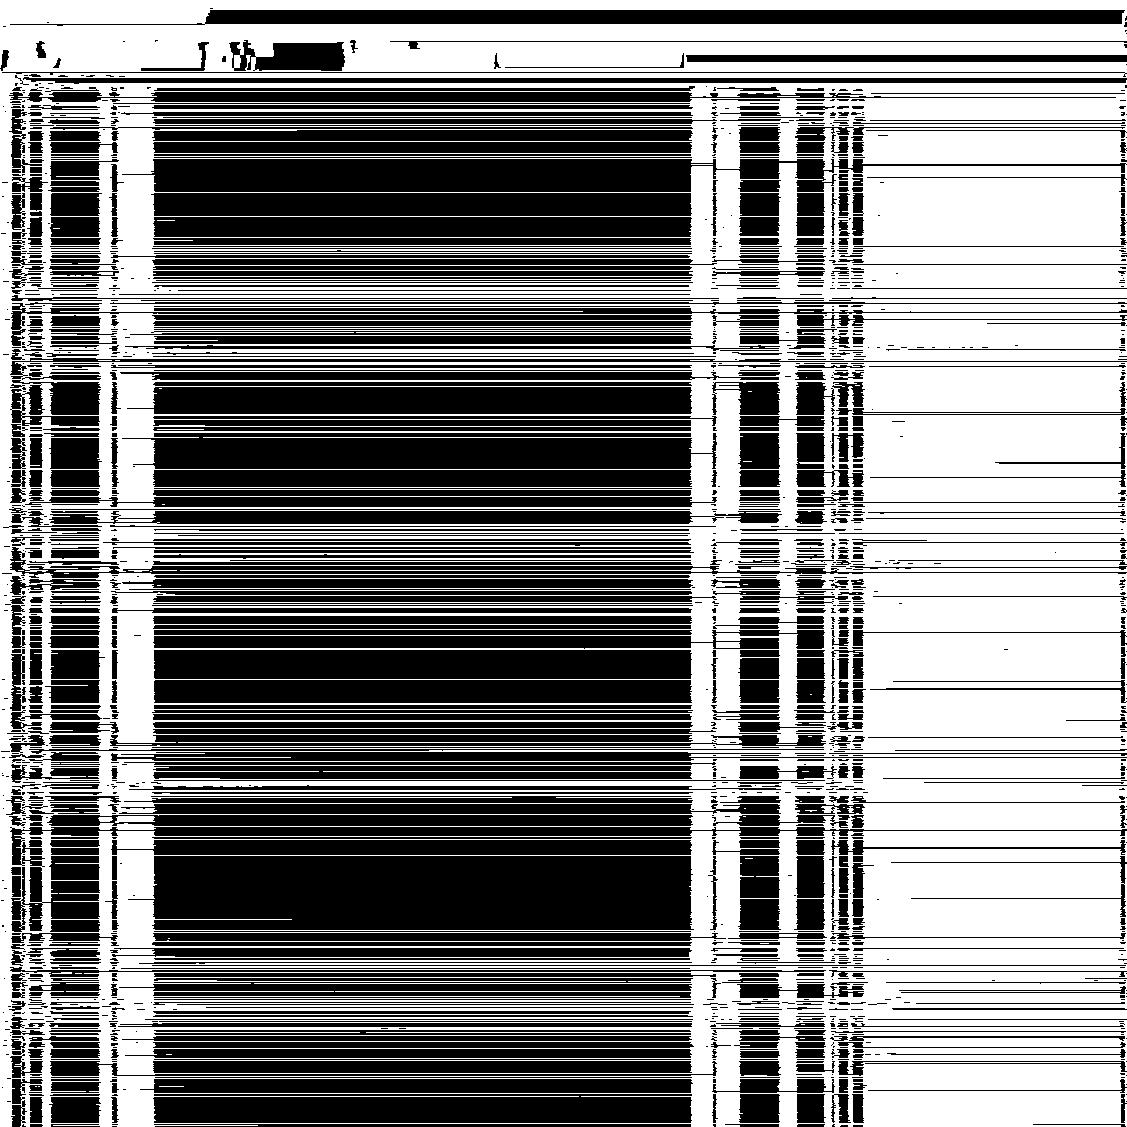 Figure img00020001